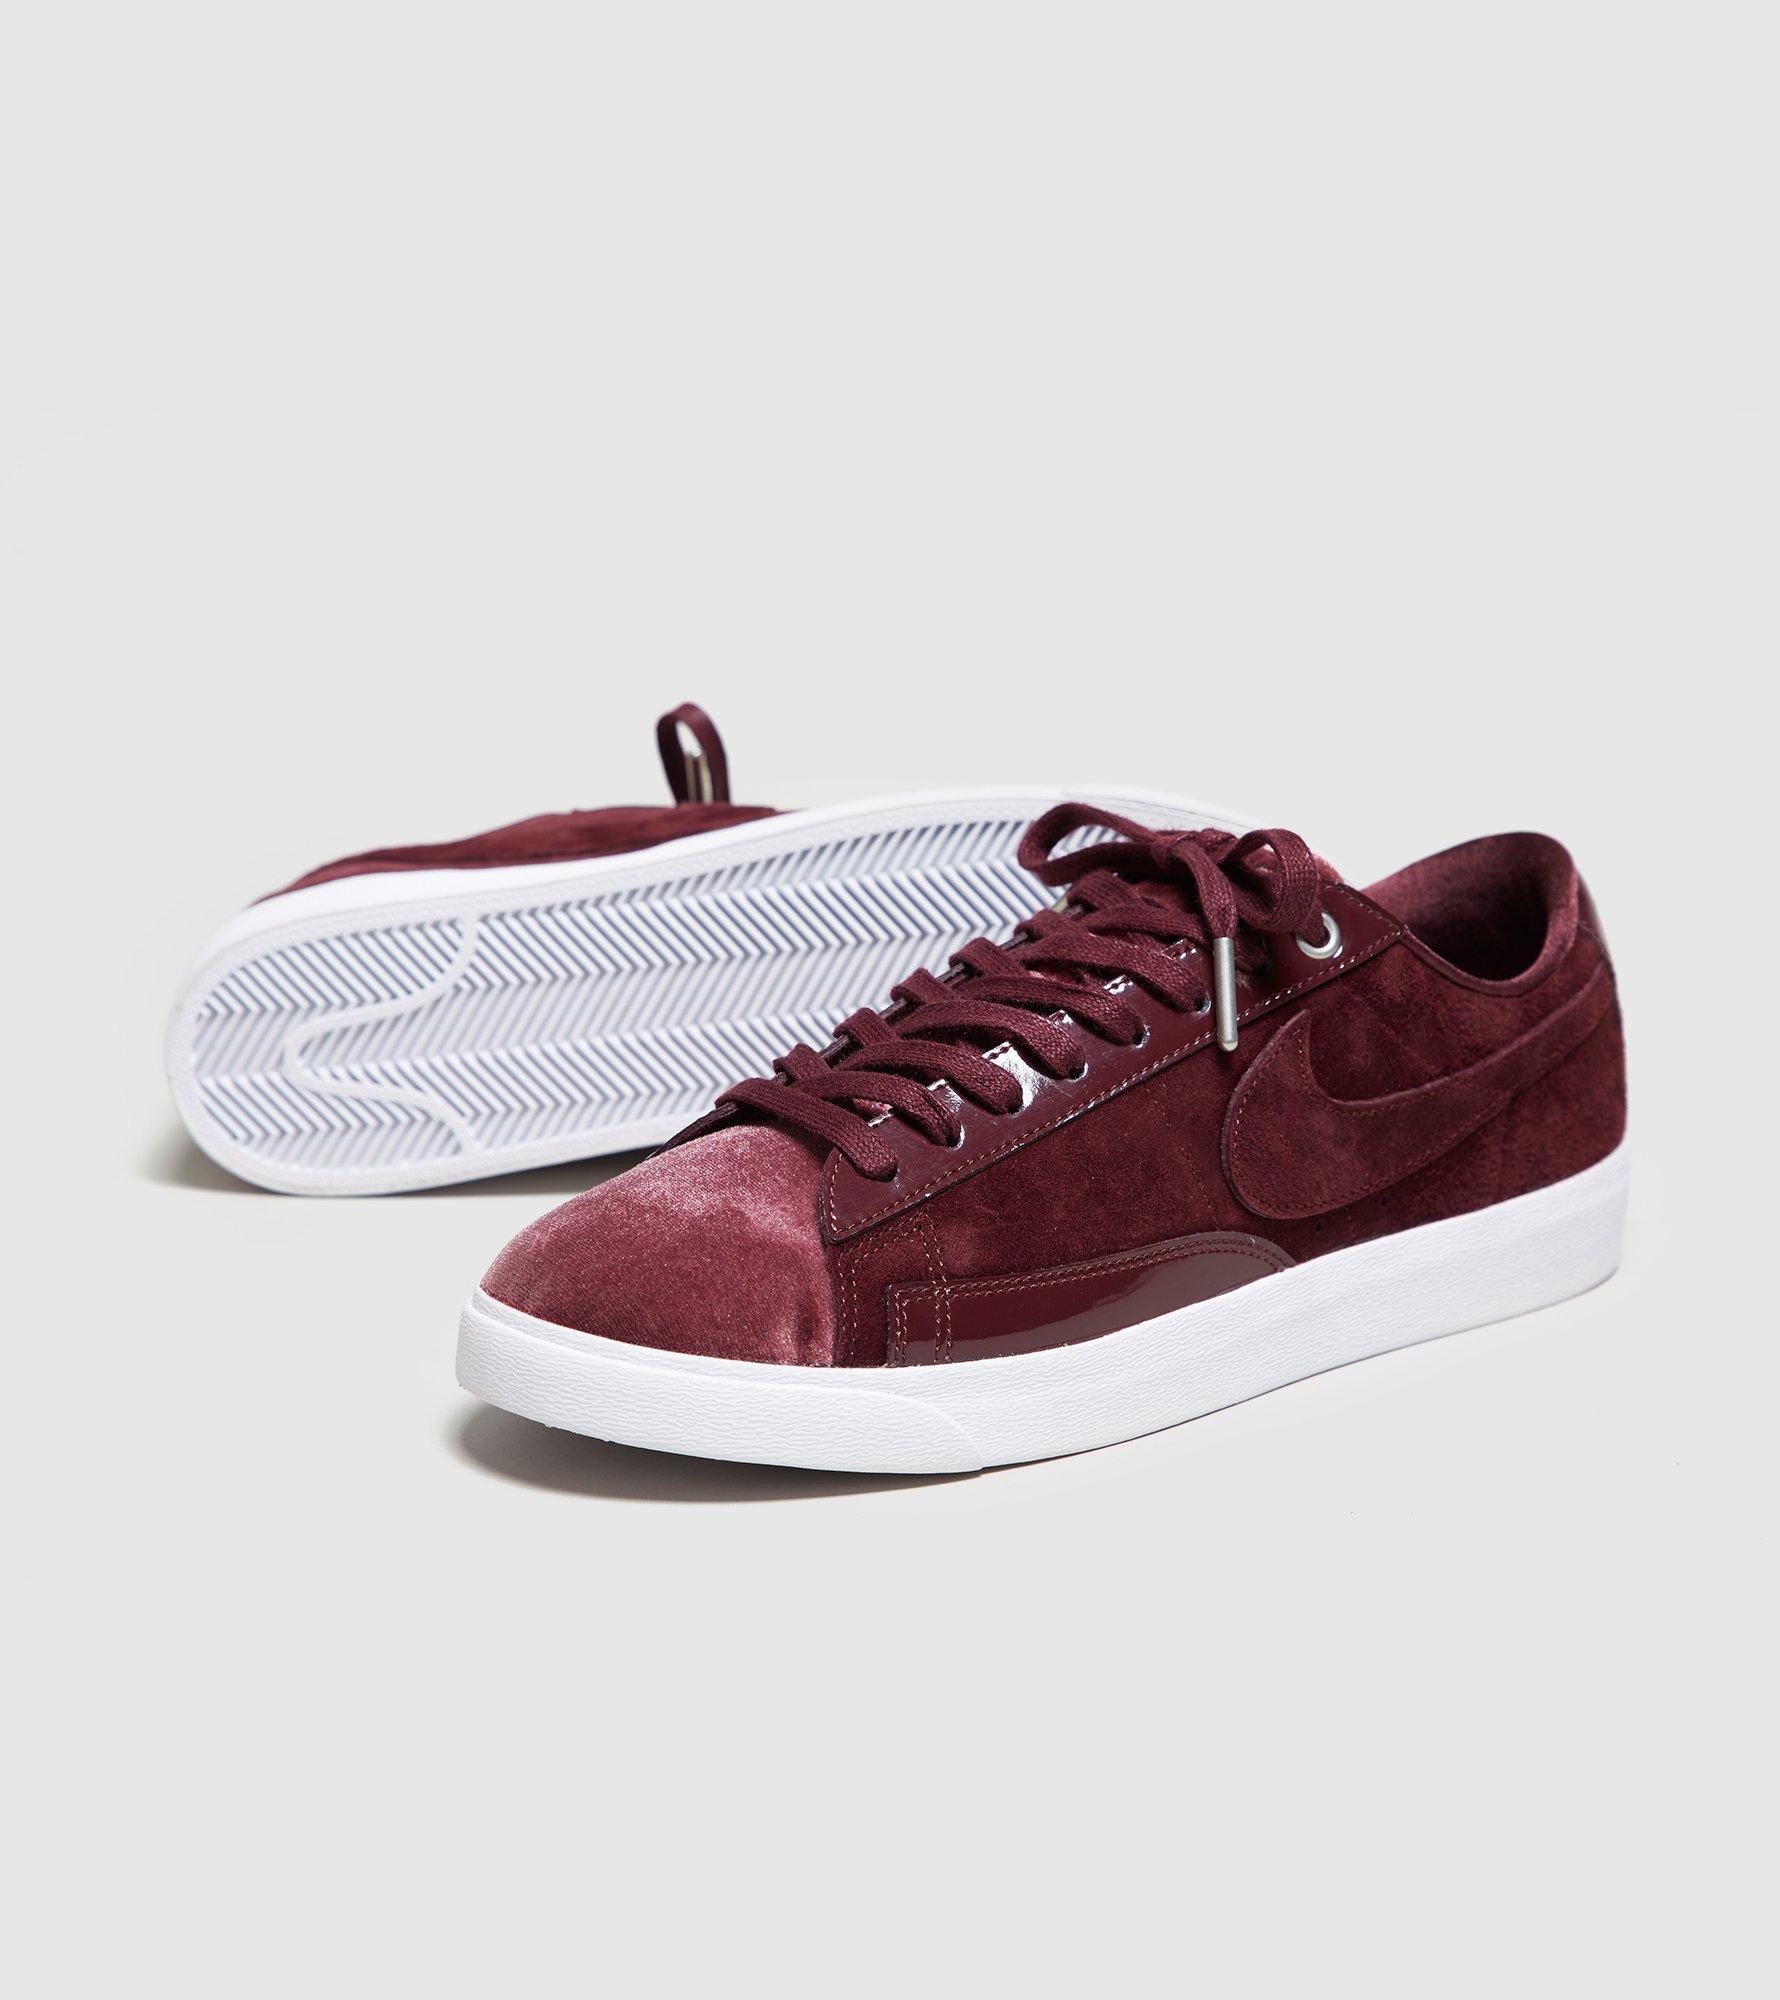 sports shoes 63562 8ad6e blazer blanc pas cher femme,blazer mid vintage pas cher,nike blazer low  homme bordeaux